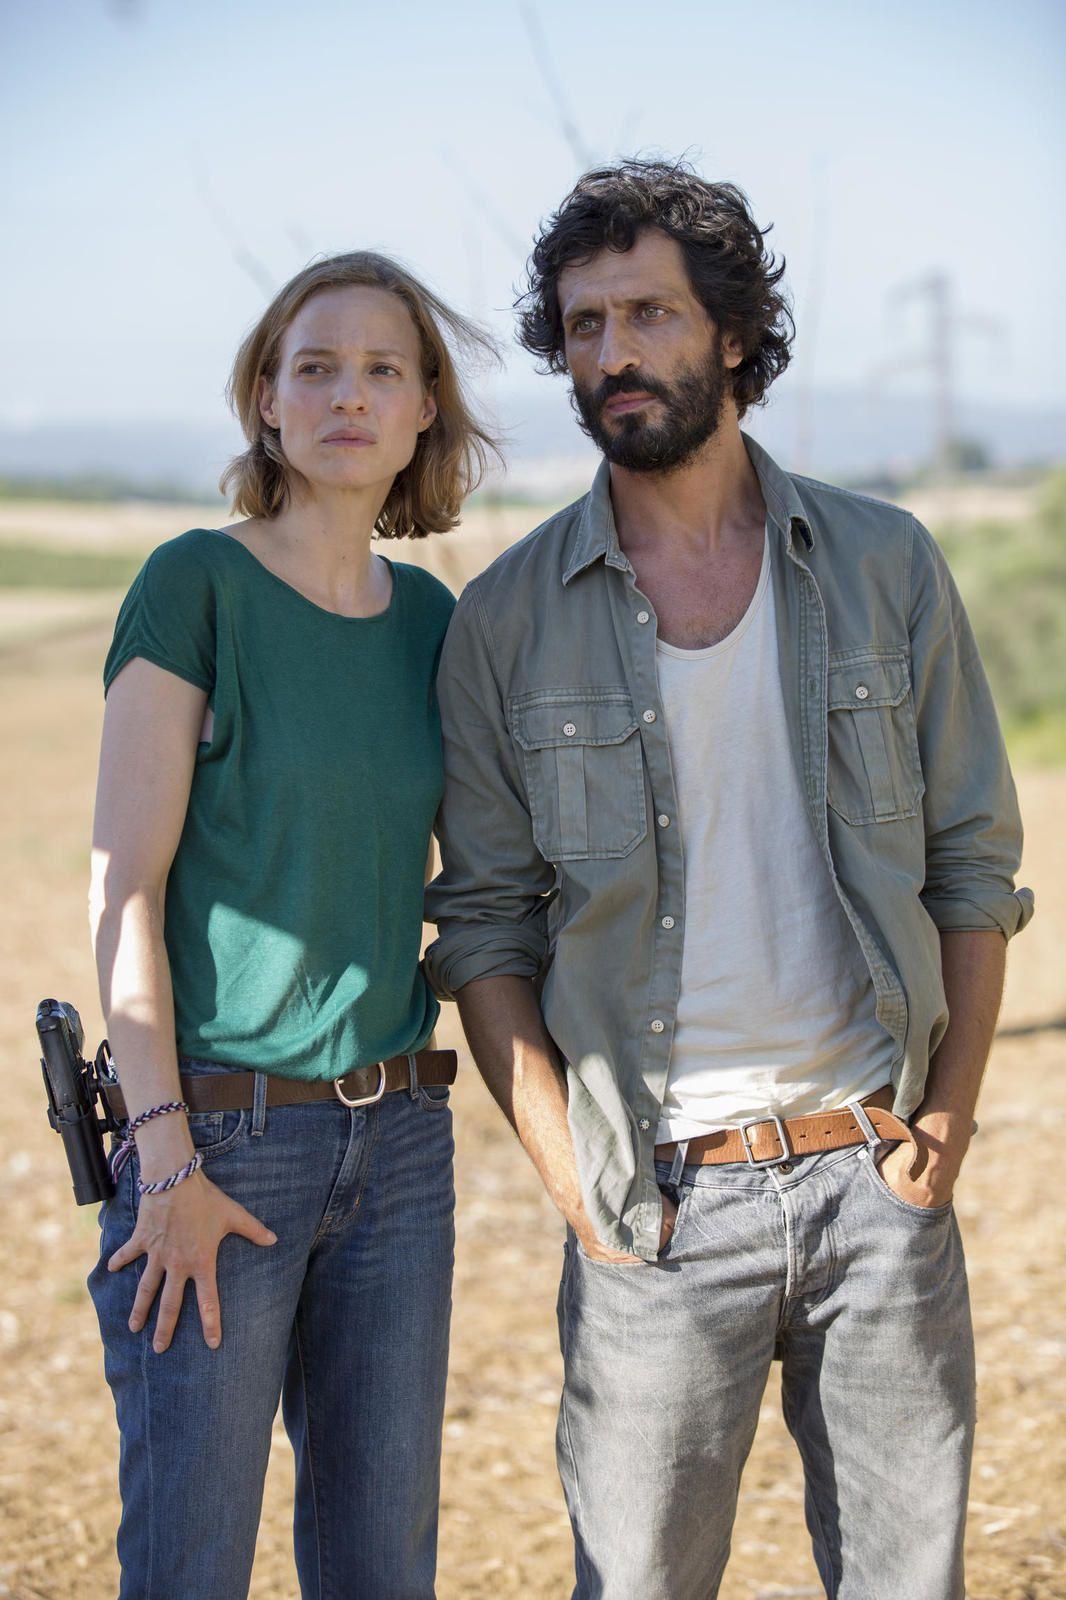 Le pont du diable (encore) rediffusé ce soir sur France 3 : le scénario et les interprètes.